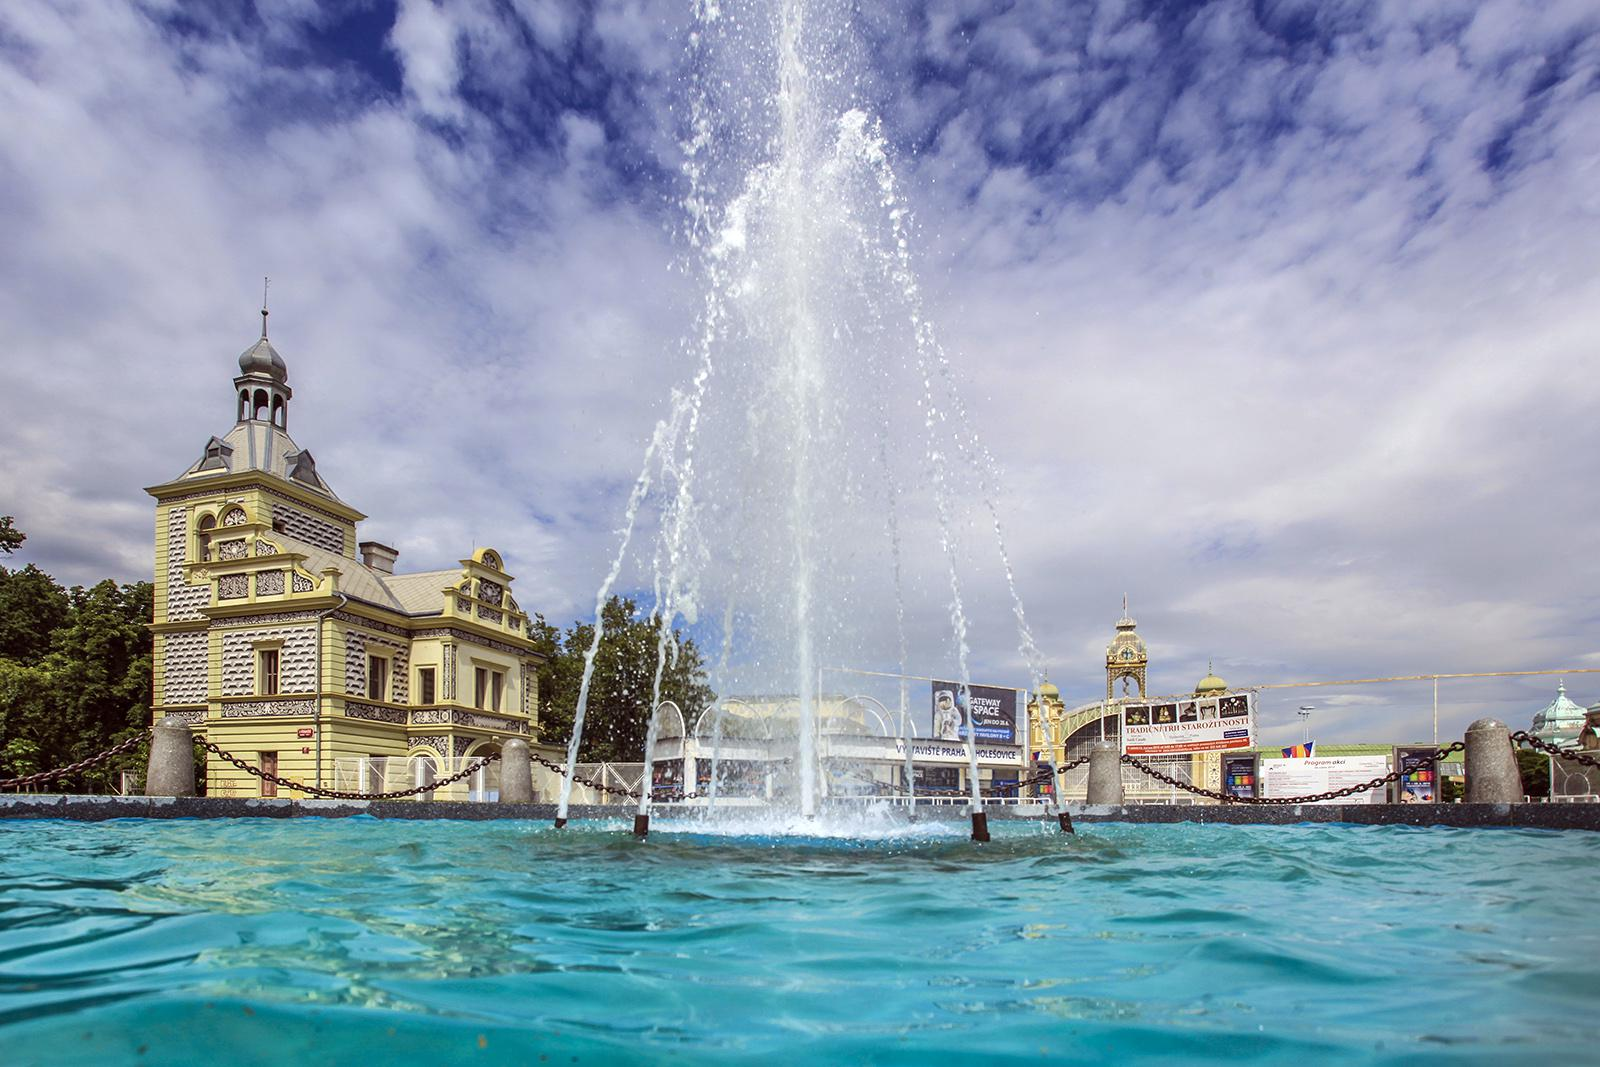 Rekonstrukce Výstaviště začala opravou fontán